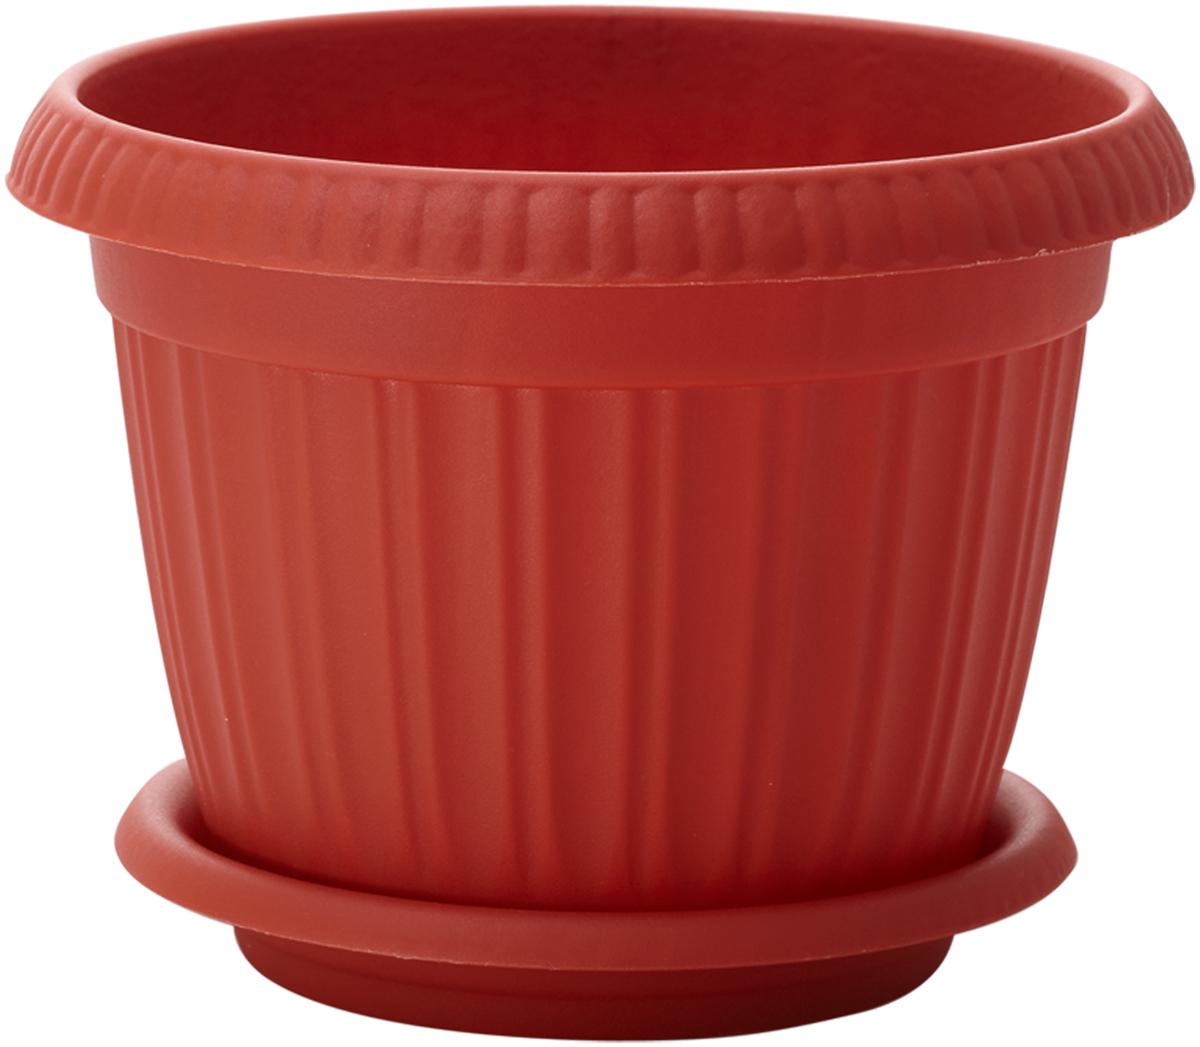 Горшок для цветов InGreen Таити, с подставкой, цвет: терракотовый, диаметр 16 см531-402Горшок InGreen Таити выполнен из высококачественного полипропилена (пластика) и предназначен для выращивания цветов, растений и трав. Снабжен подставкой для стока воды.Такой горшок порадует вас функциональностью, а благодаря лаконичному дизайну впишется в любой интерьер помещения.Диаметр горшка (по верхнему краю): 16 см. Высота горшка: 12,4 см.